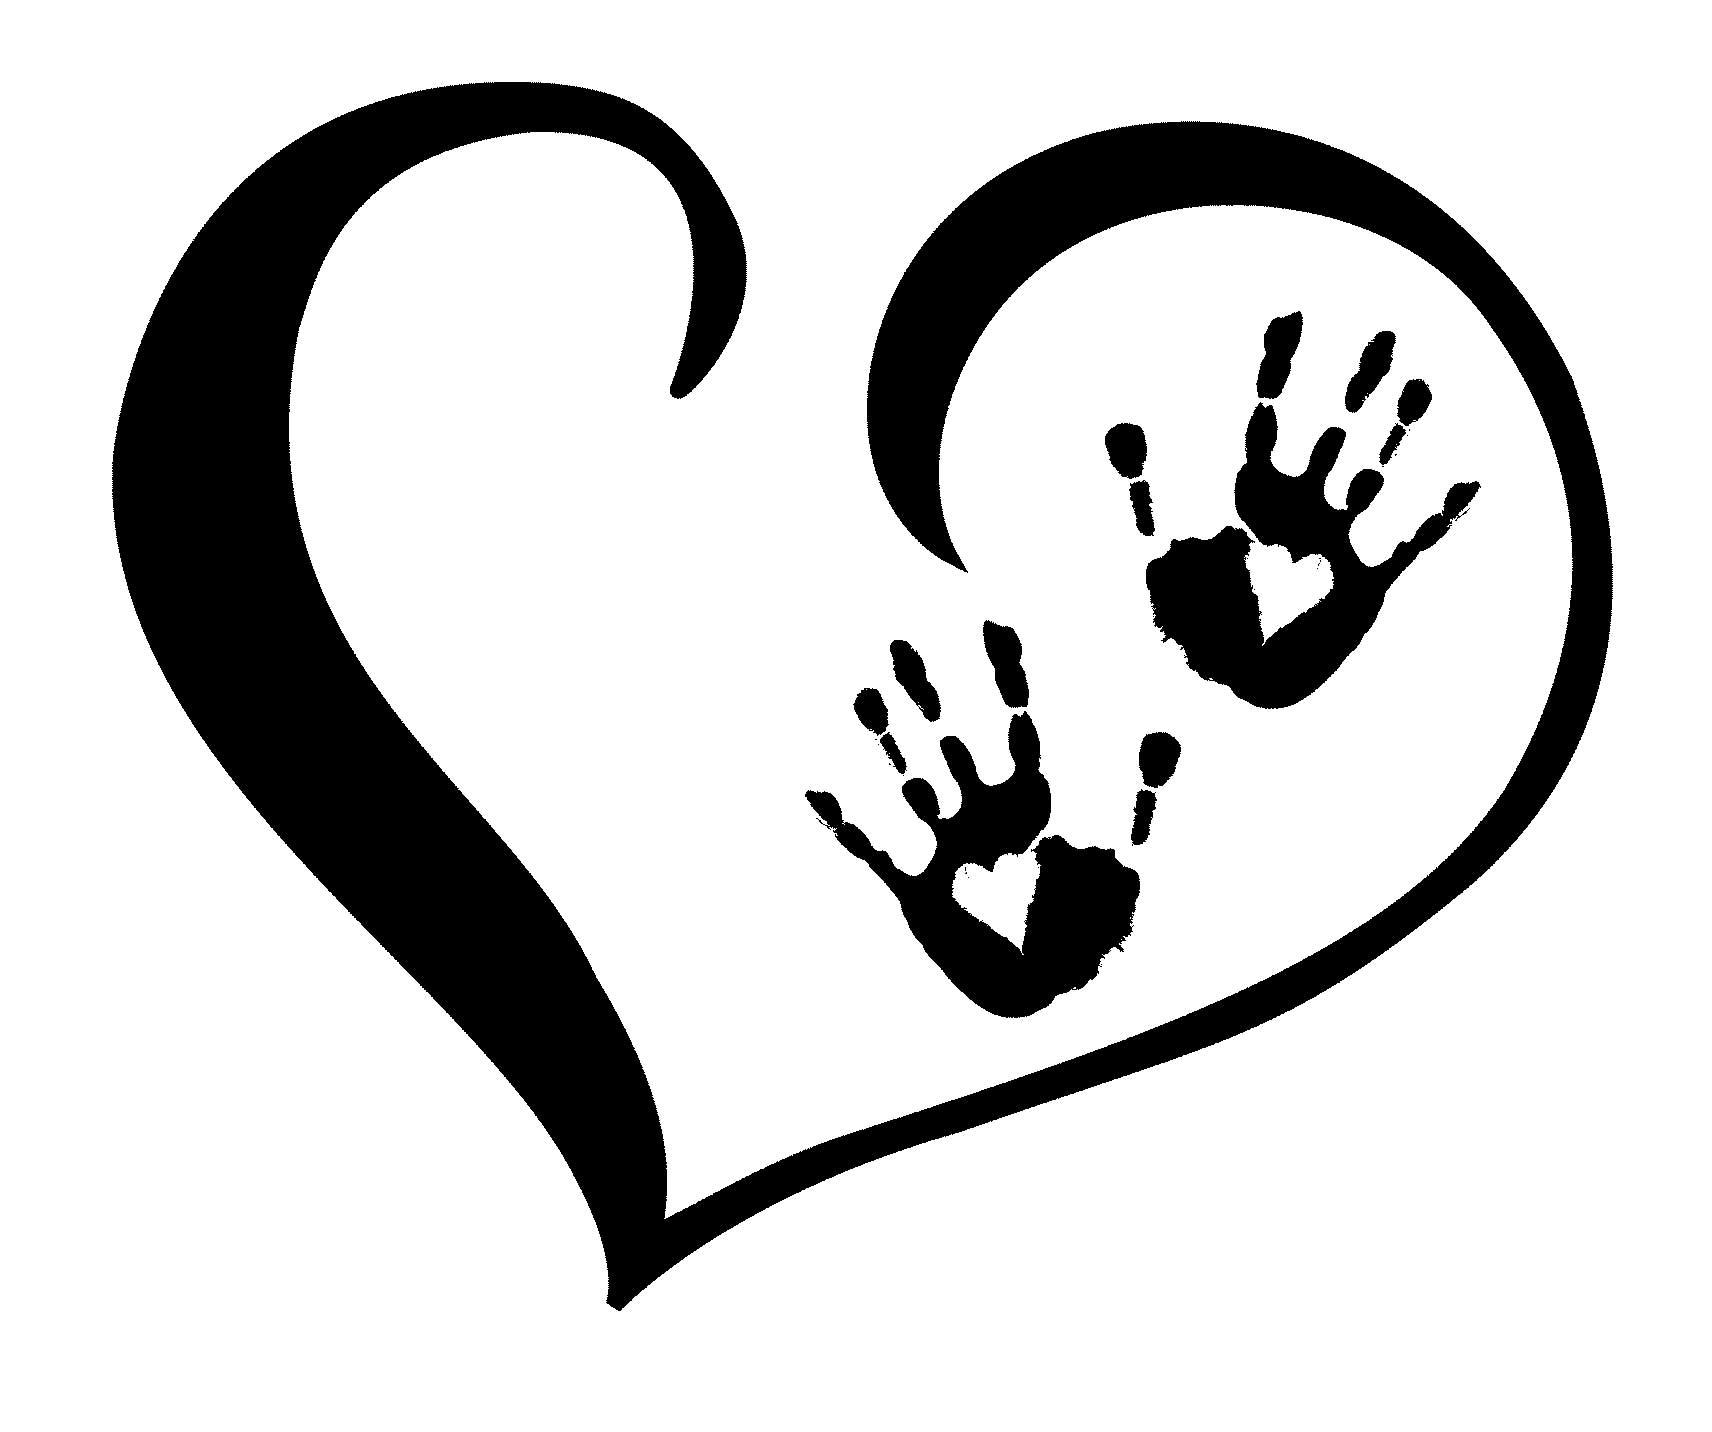 baby heart clipart - photo #40